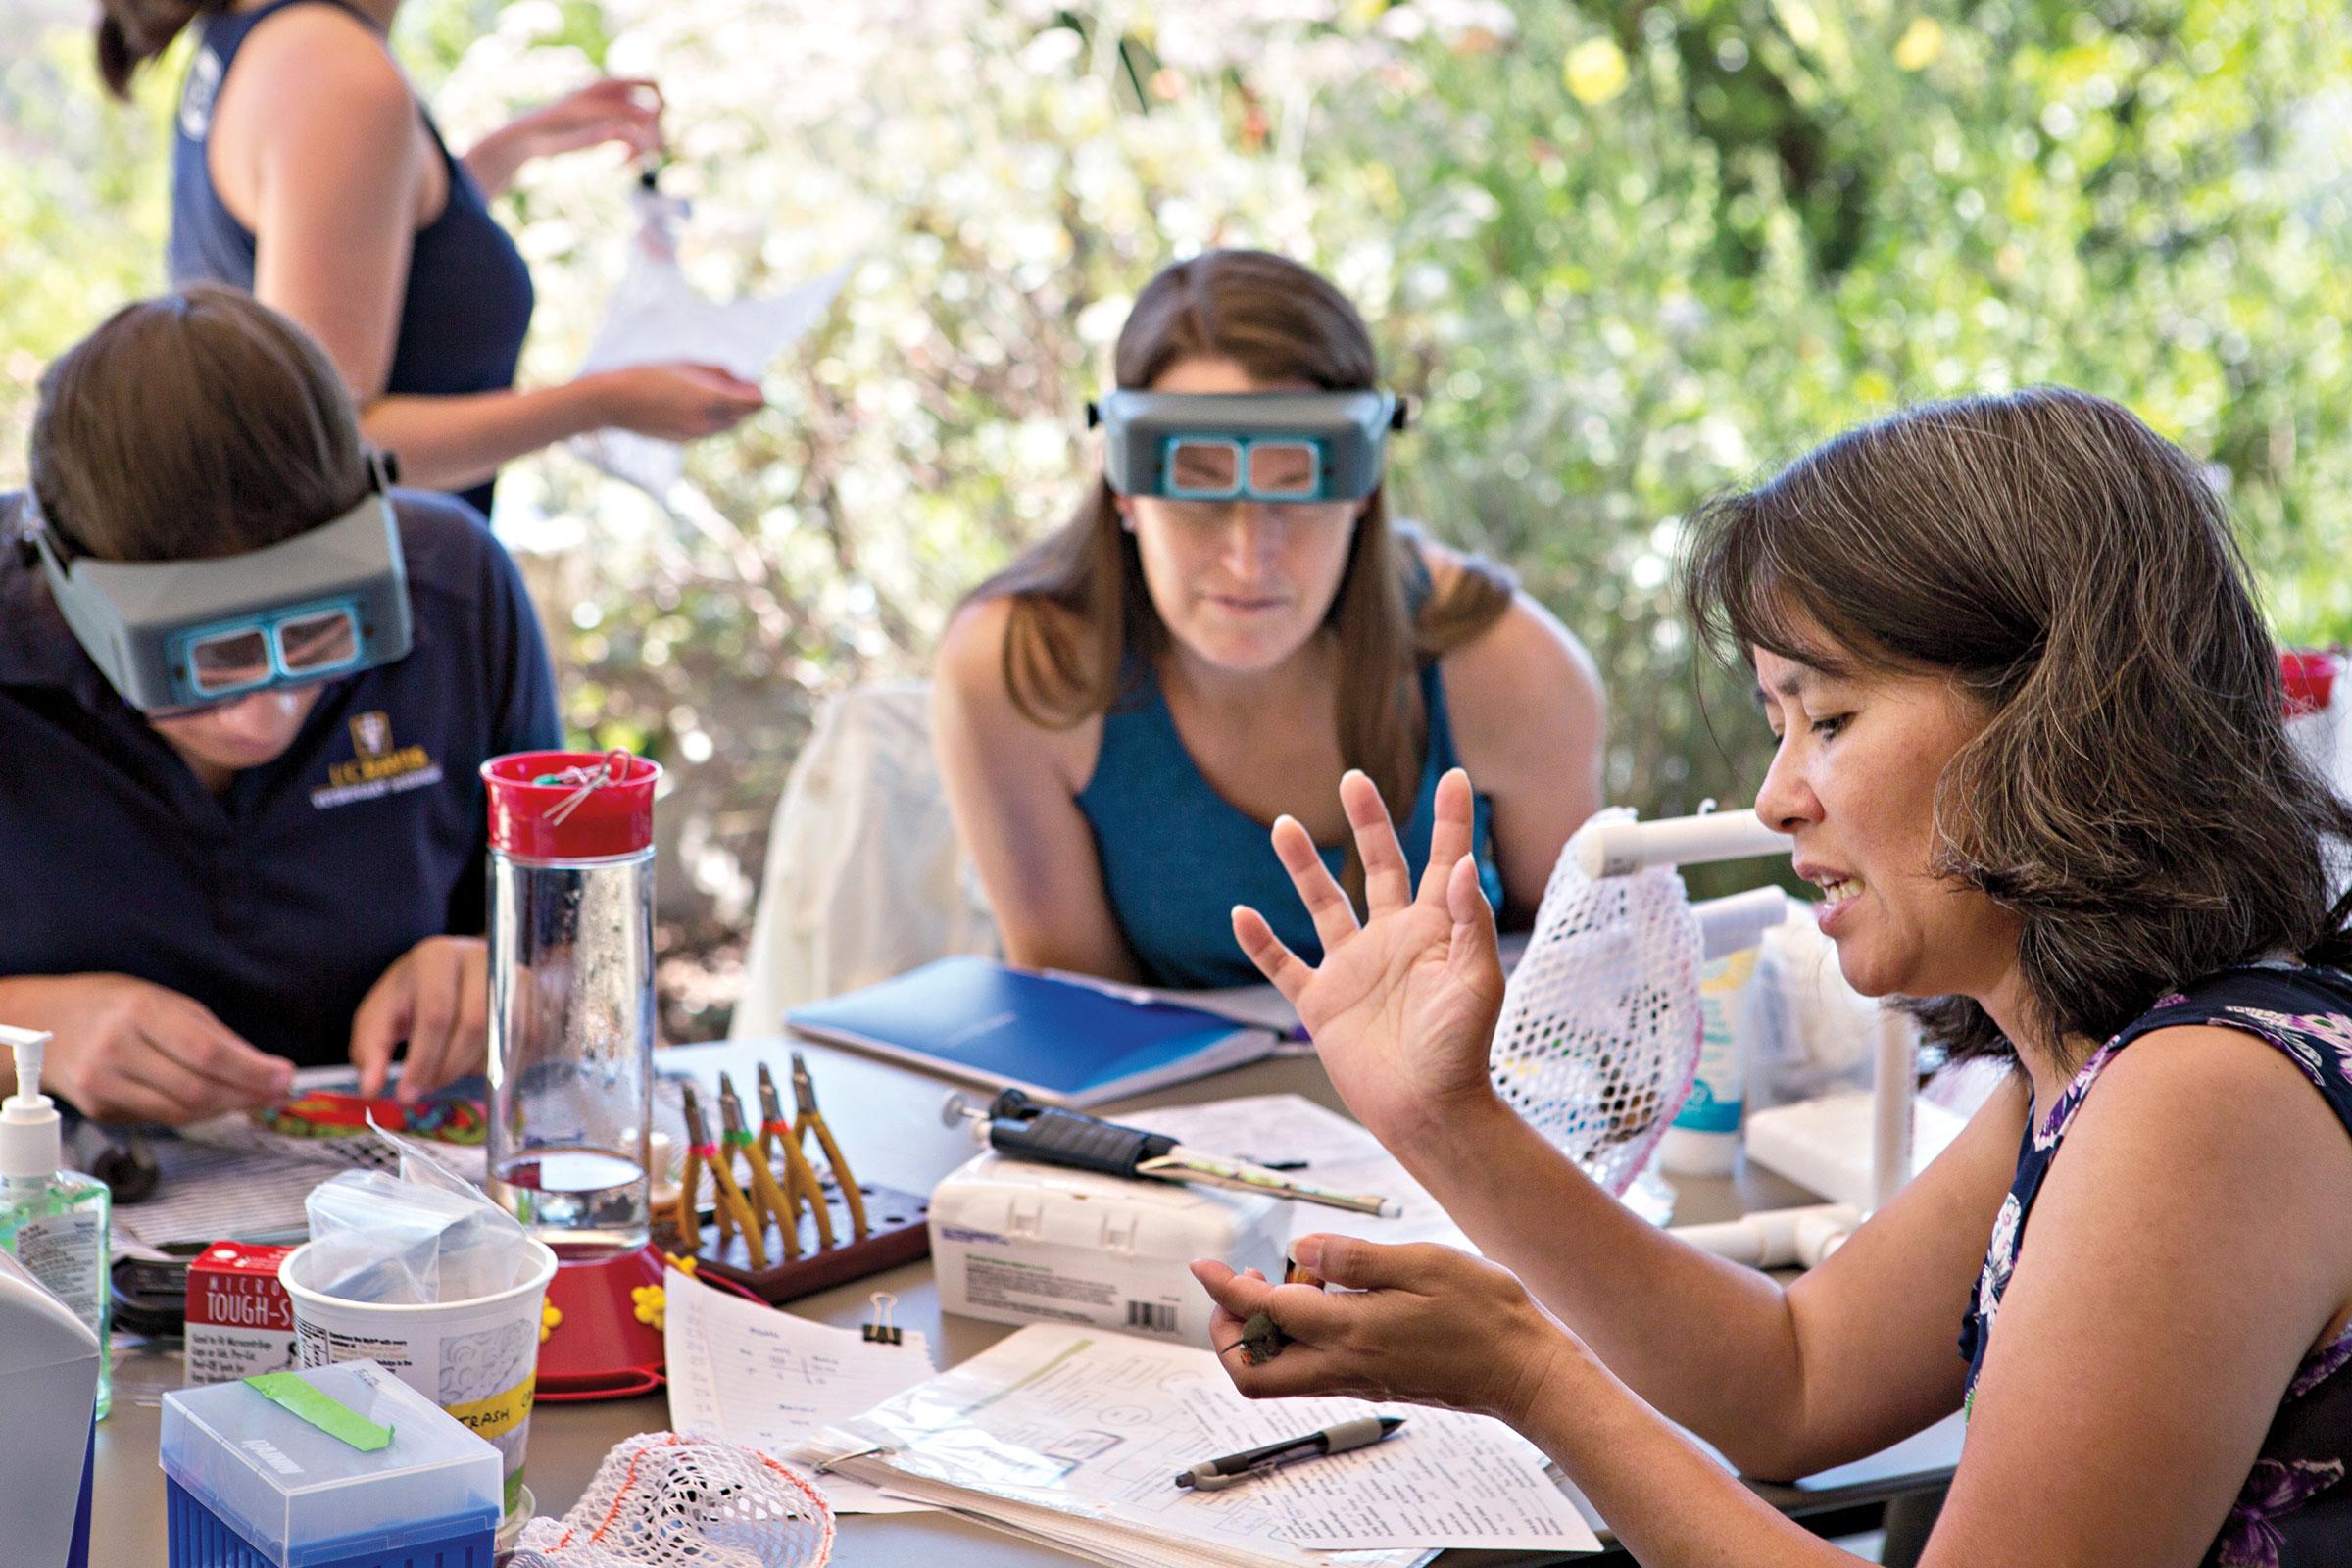 Lisa Tell y su equipo en la Universidad de California en Davis usan comederos inteligentes     para entender los hábitos de alimentación urbanos.